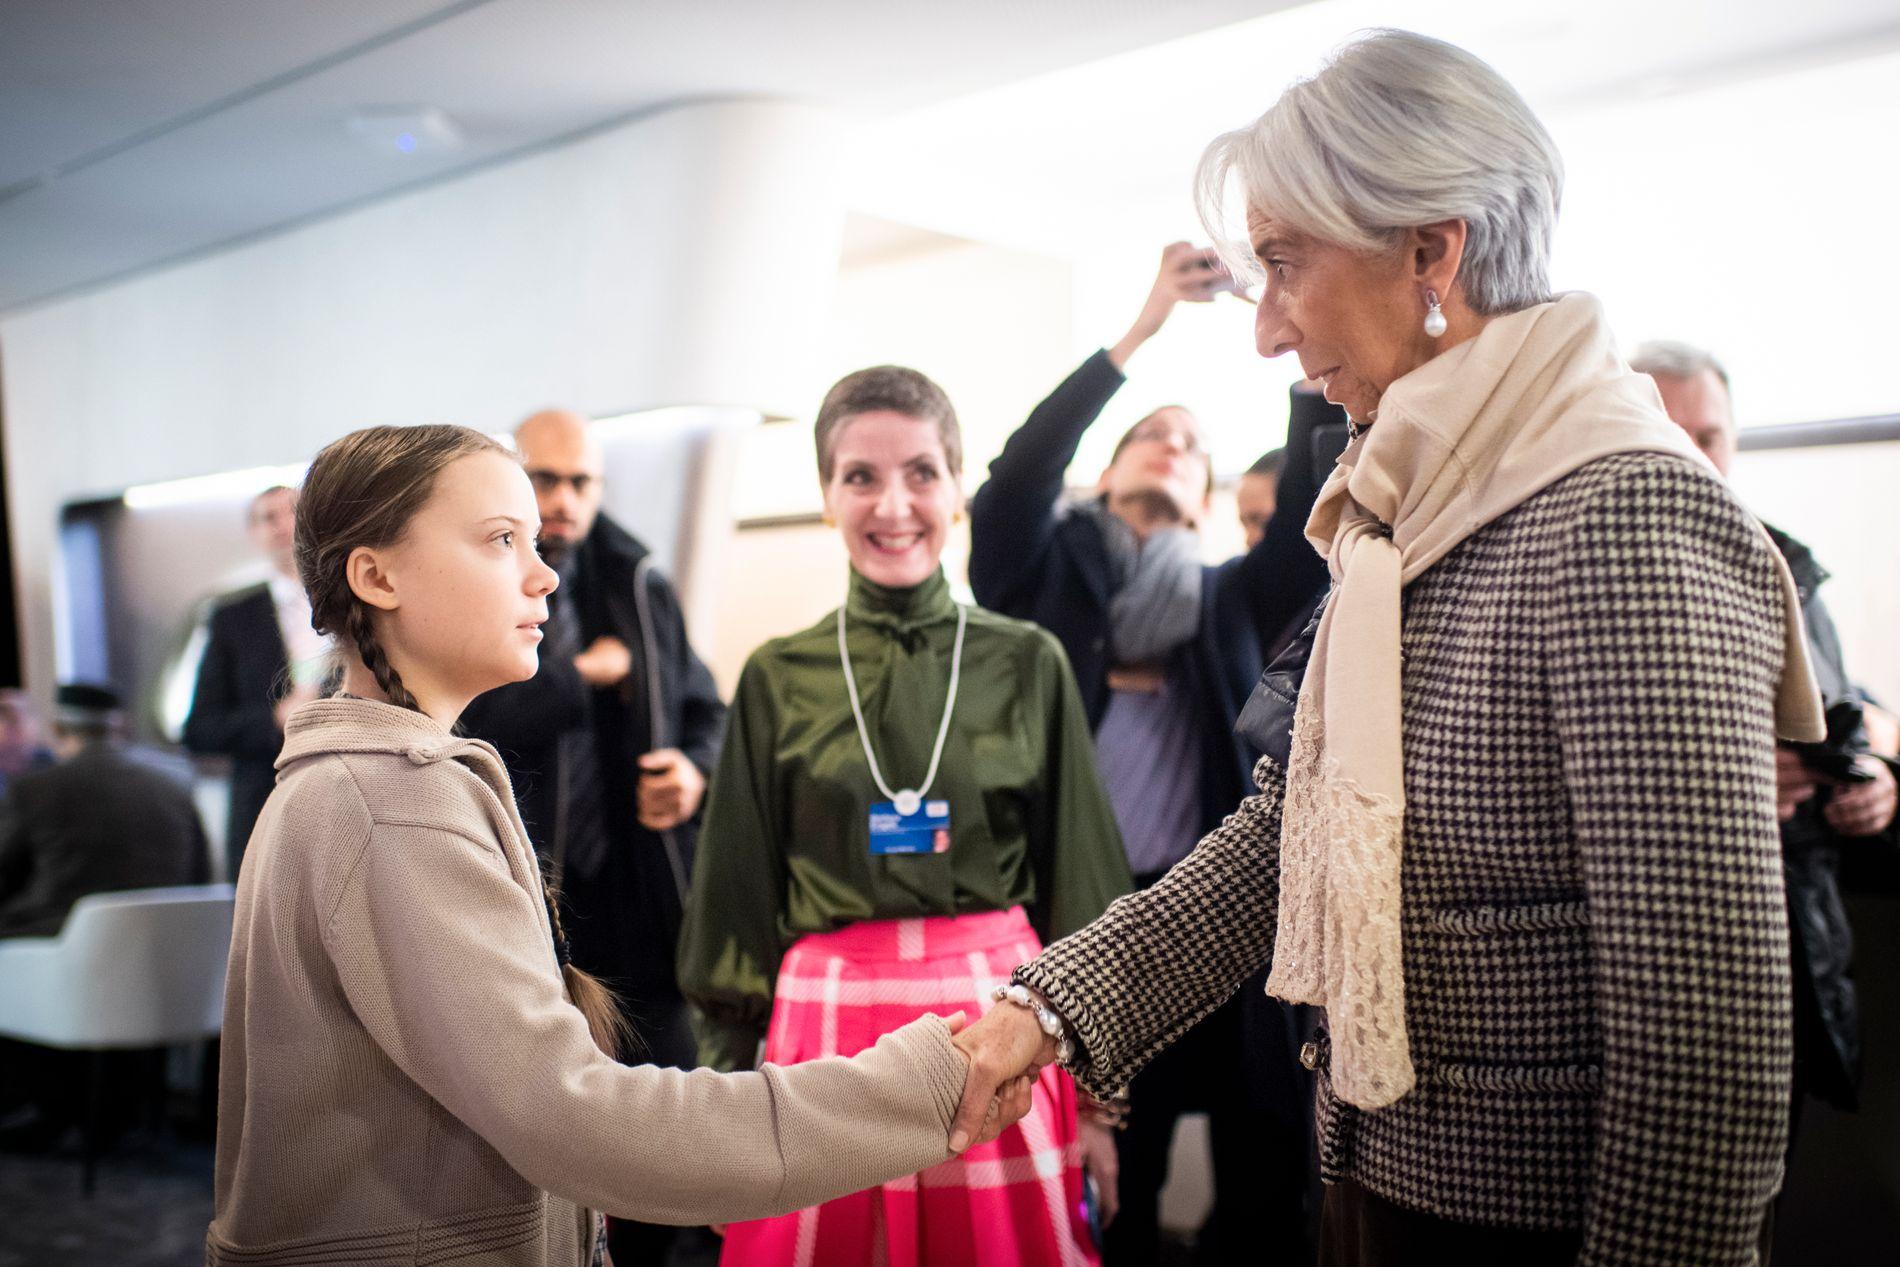 I DAVOS: Motmakten møter makten når, Greta Thunberg hilser på Christine Lagarde, leder for Det internasjonale pengefondet, under World Economic Forum i Davos.